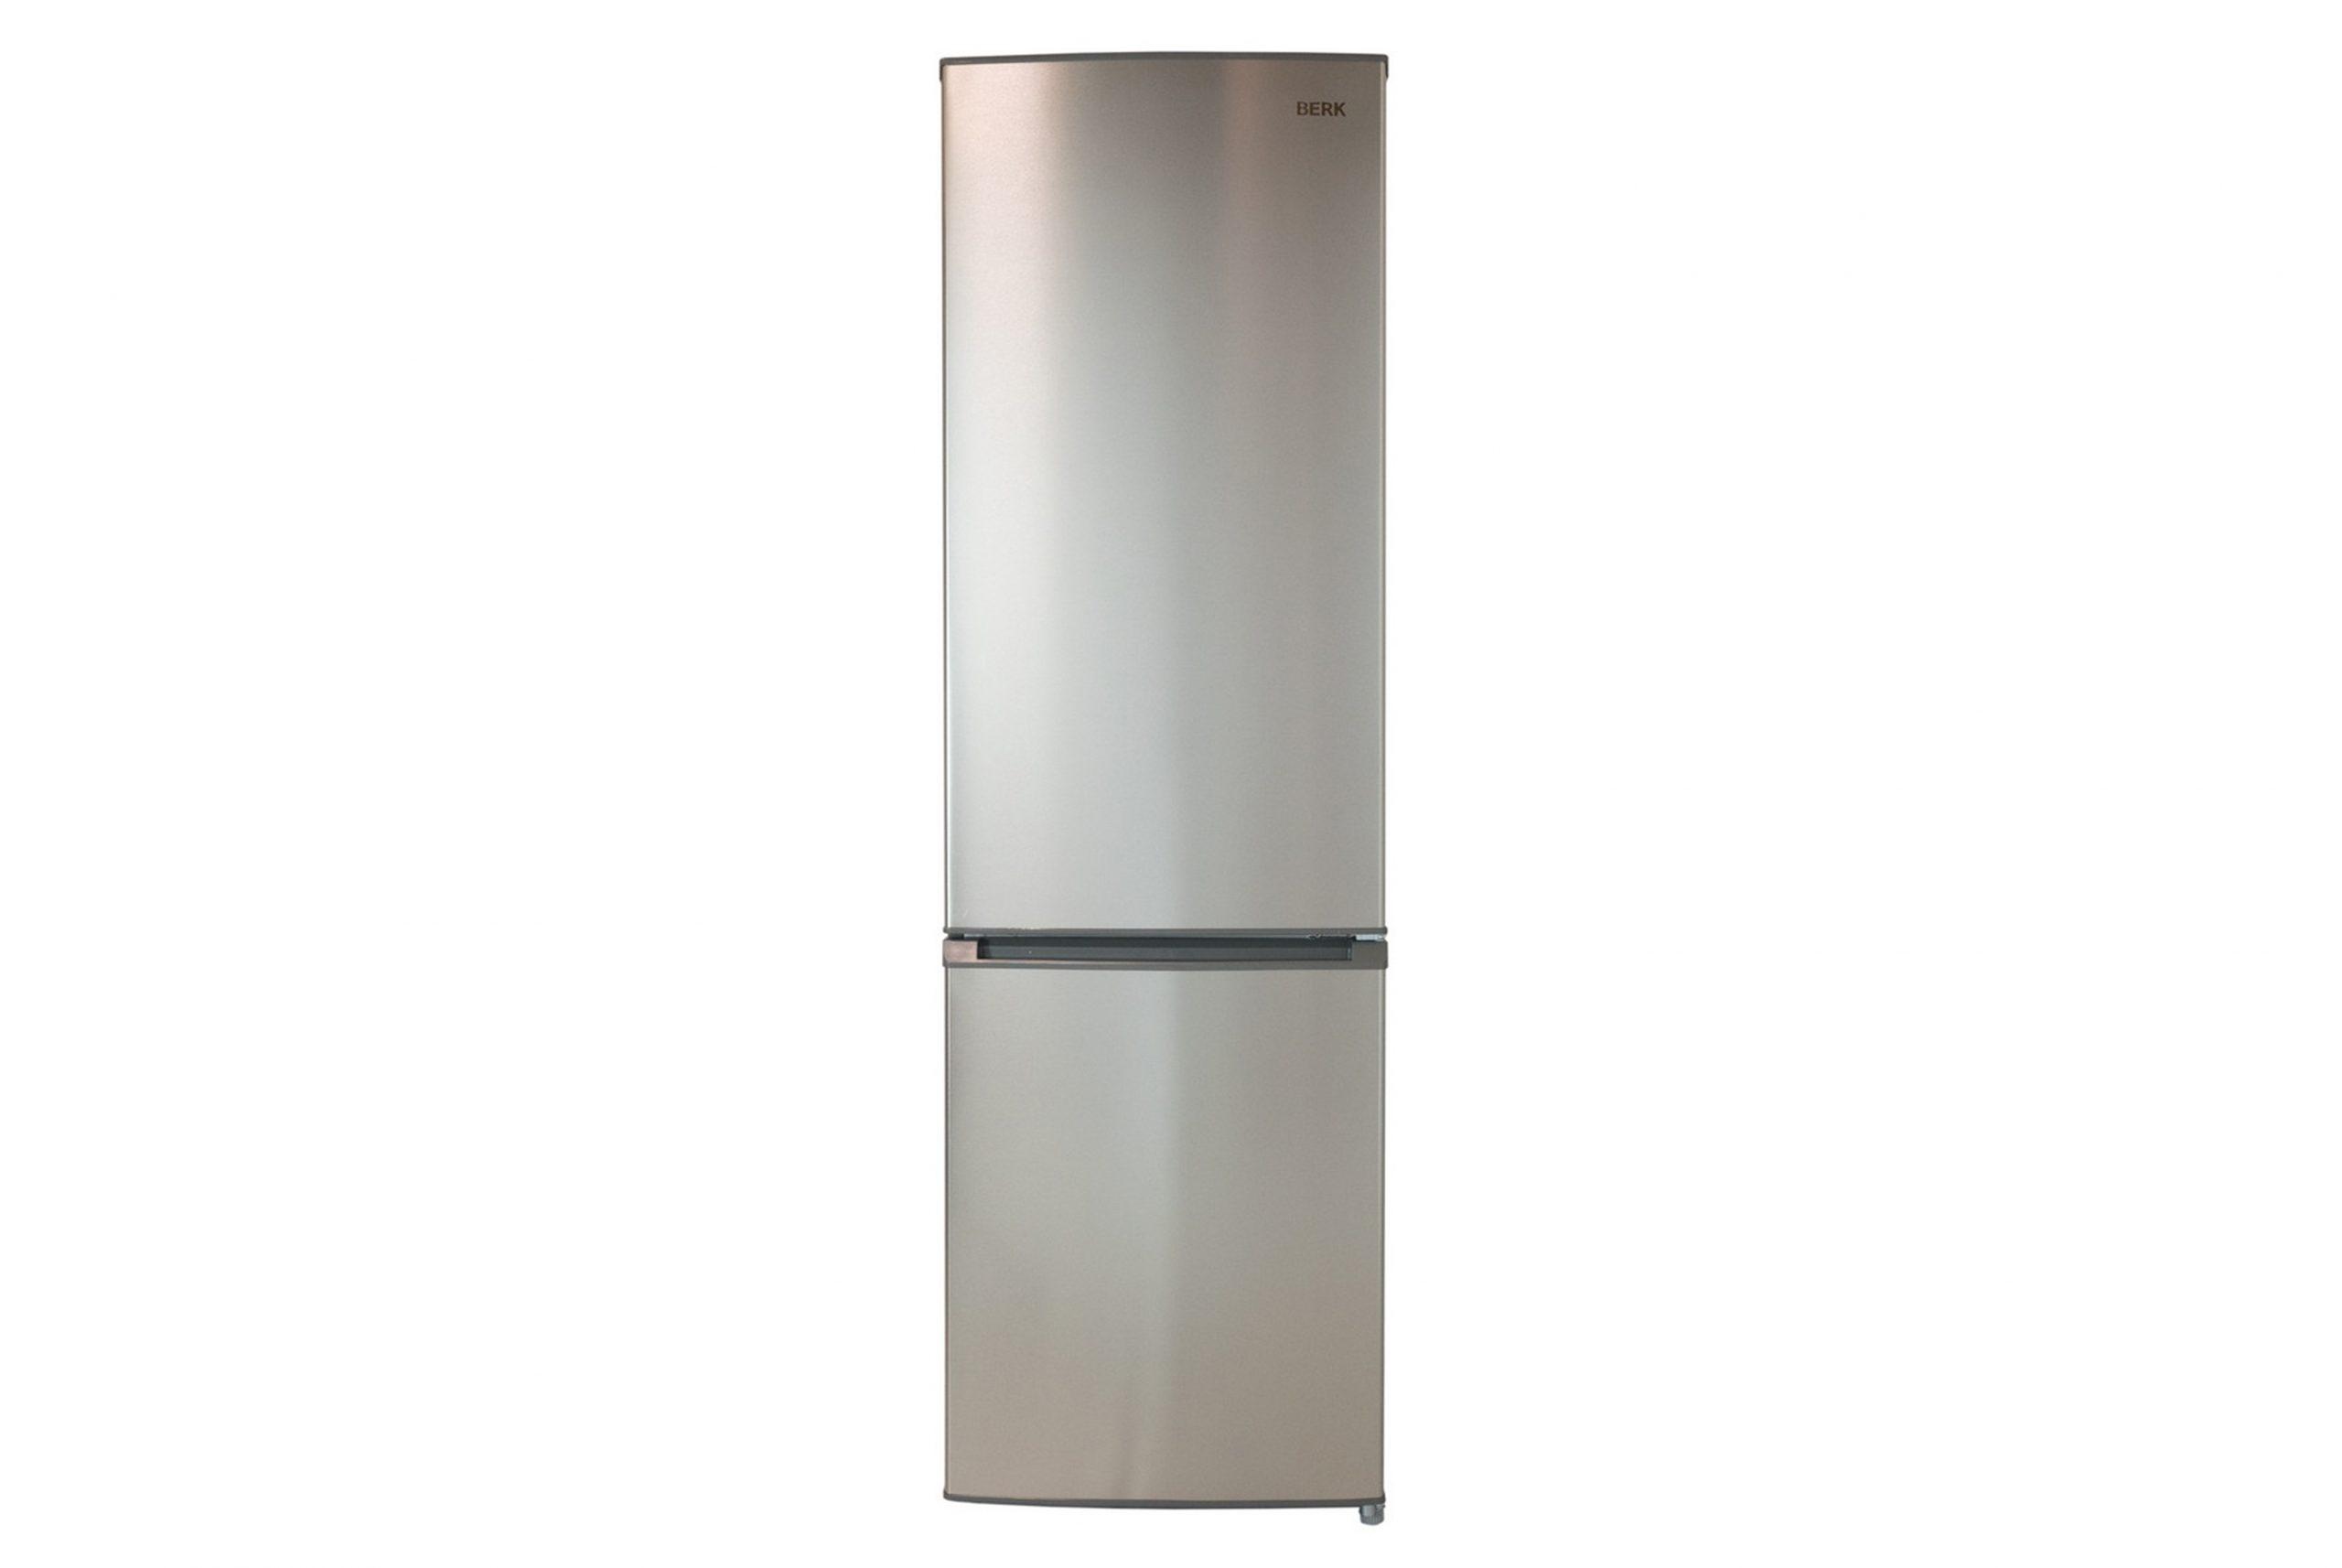 Šaldytuvas Berk BRC-1755 S